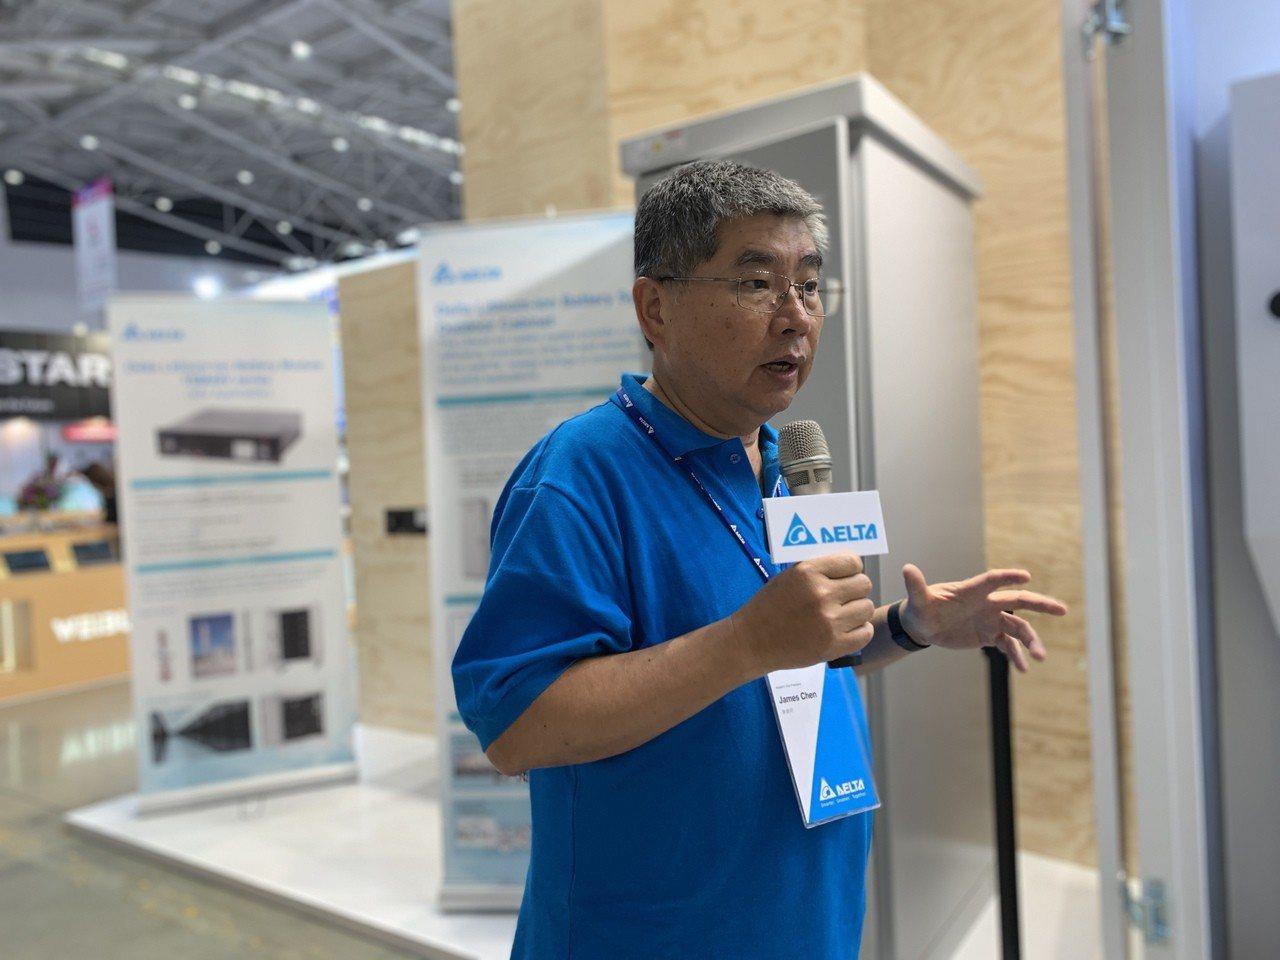 台達電儲能元件主管陳錦明表示,台灣的能源問題主要是在用電不均勻,透過儲能優化系統...